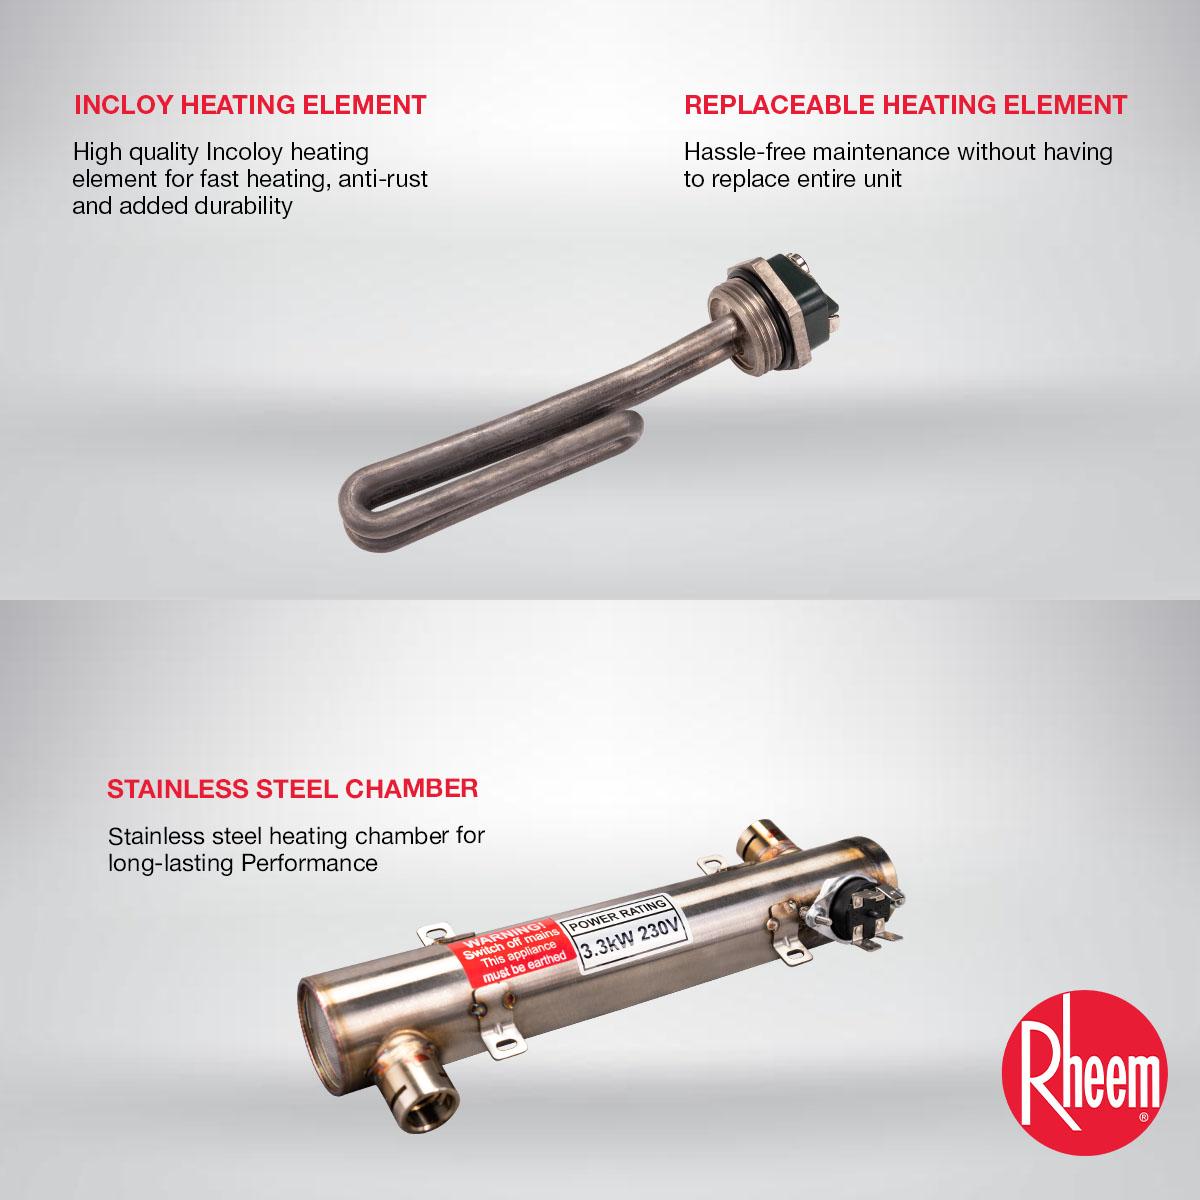 rheem-rtle-33m-product-image-plumber-singapore-2